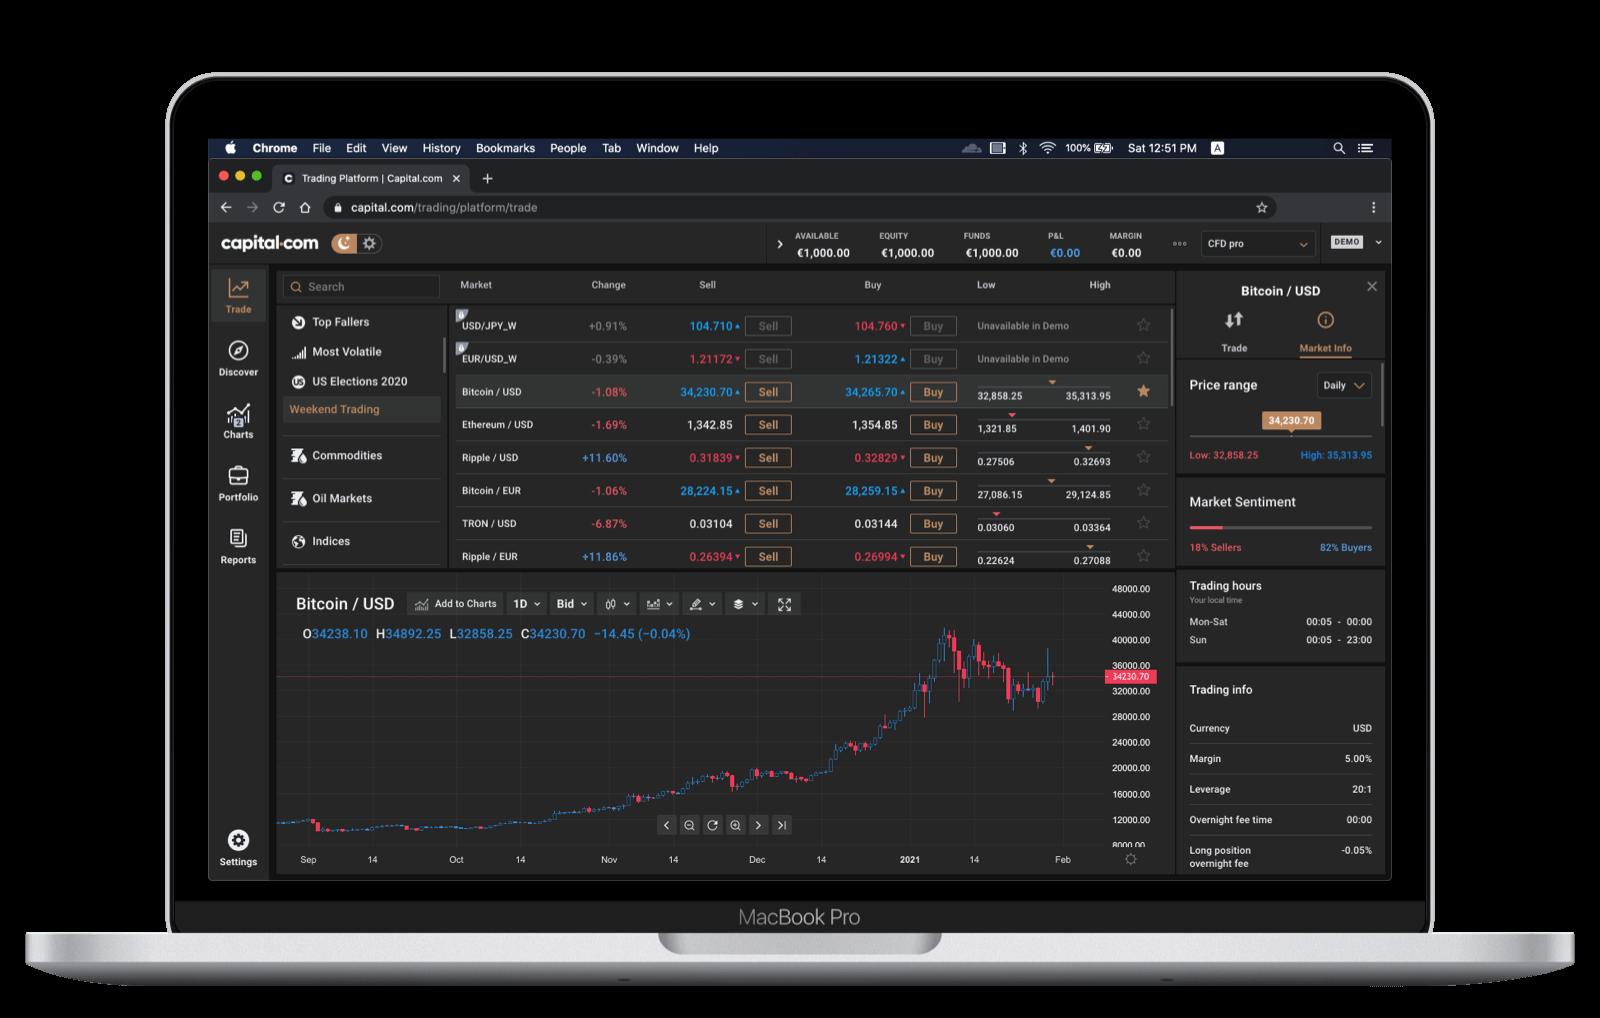 Capital.com Web platform main view